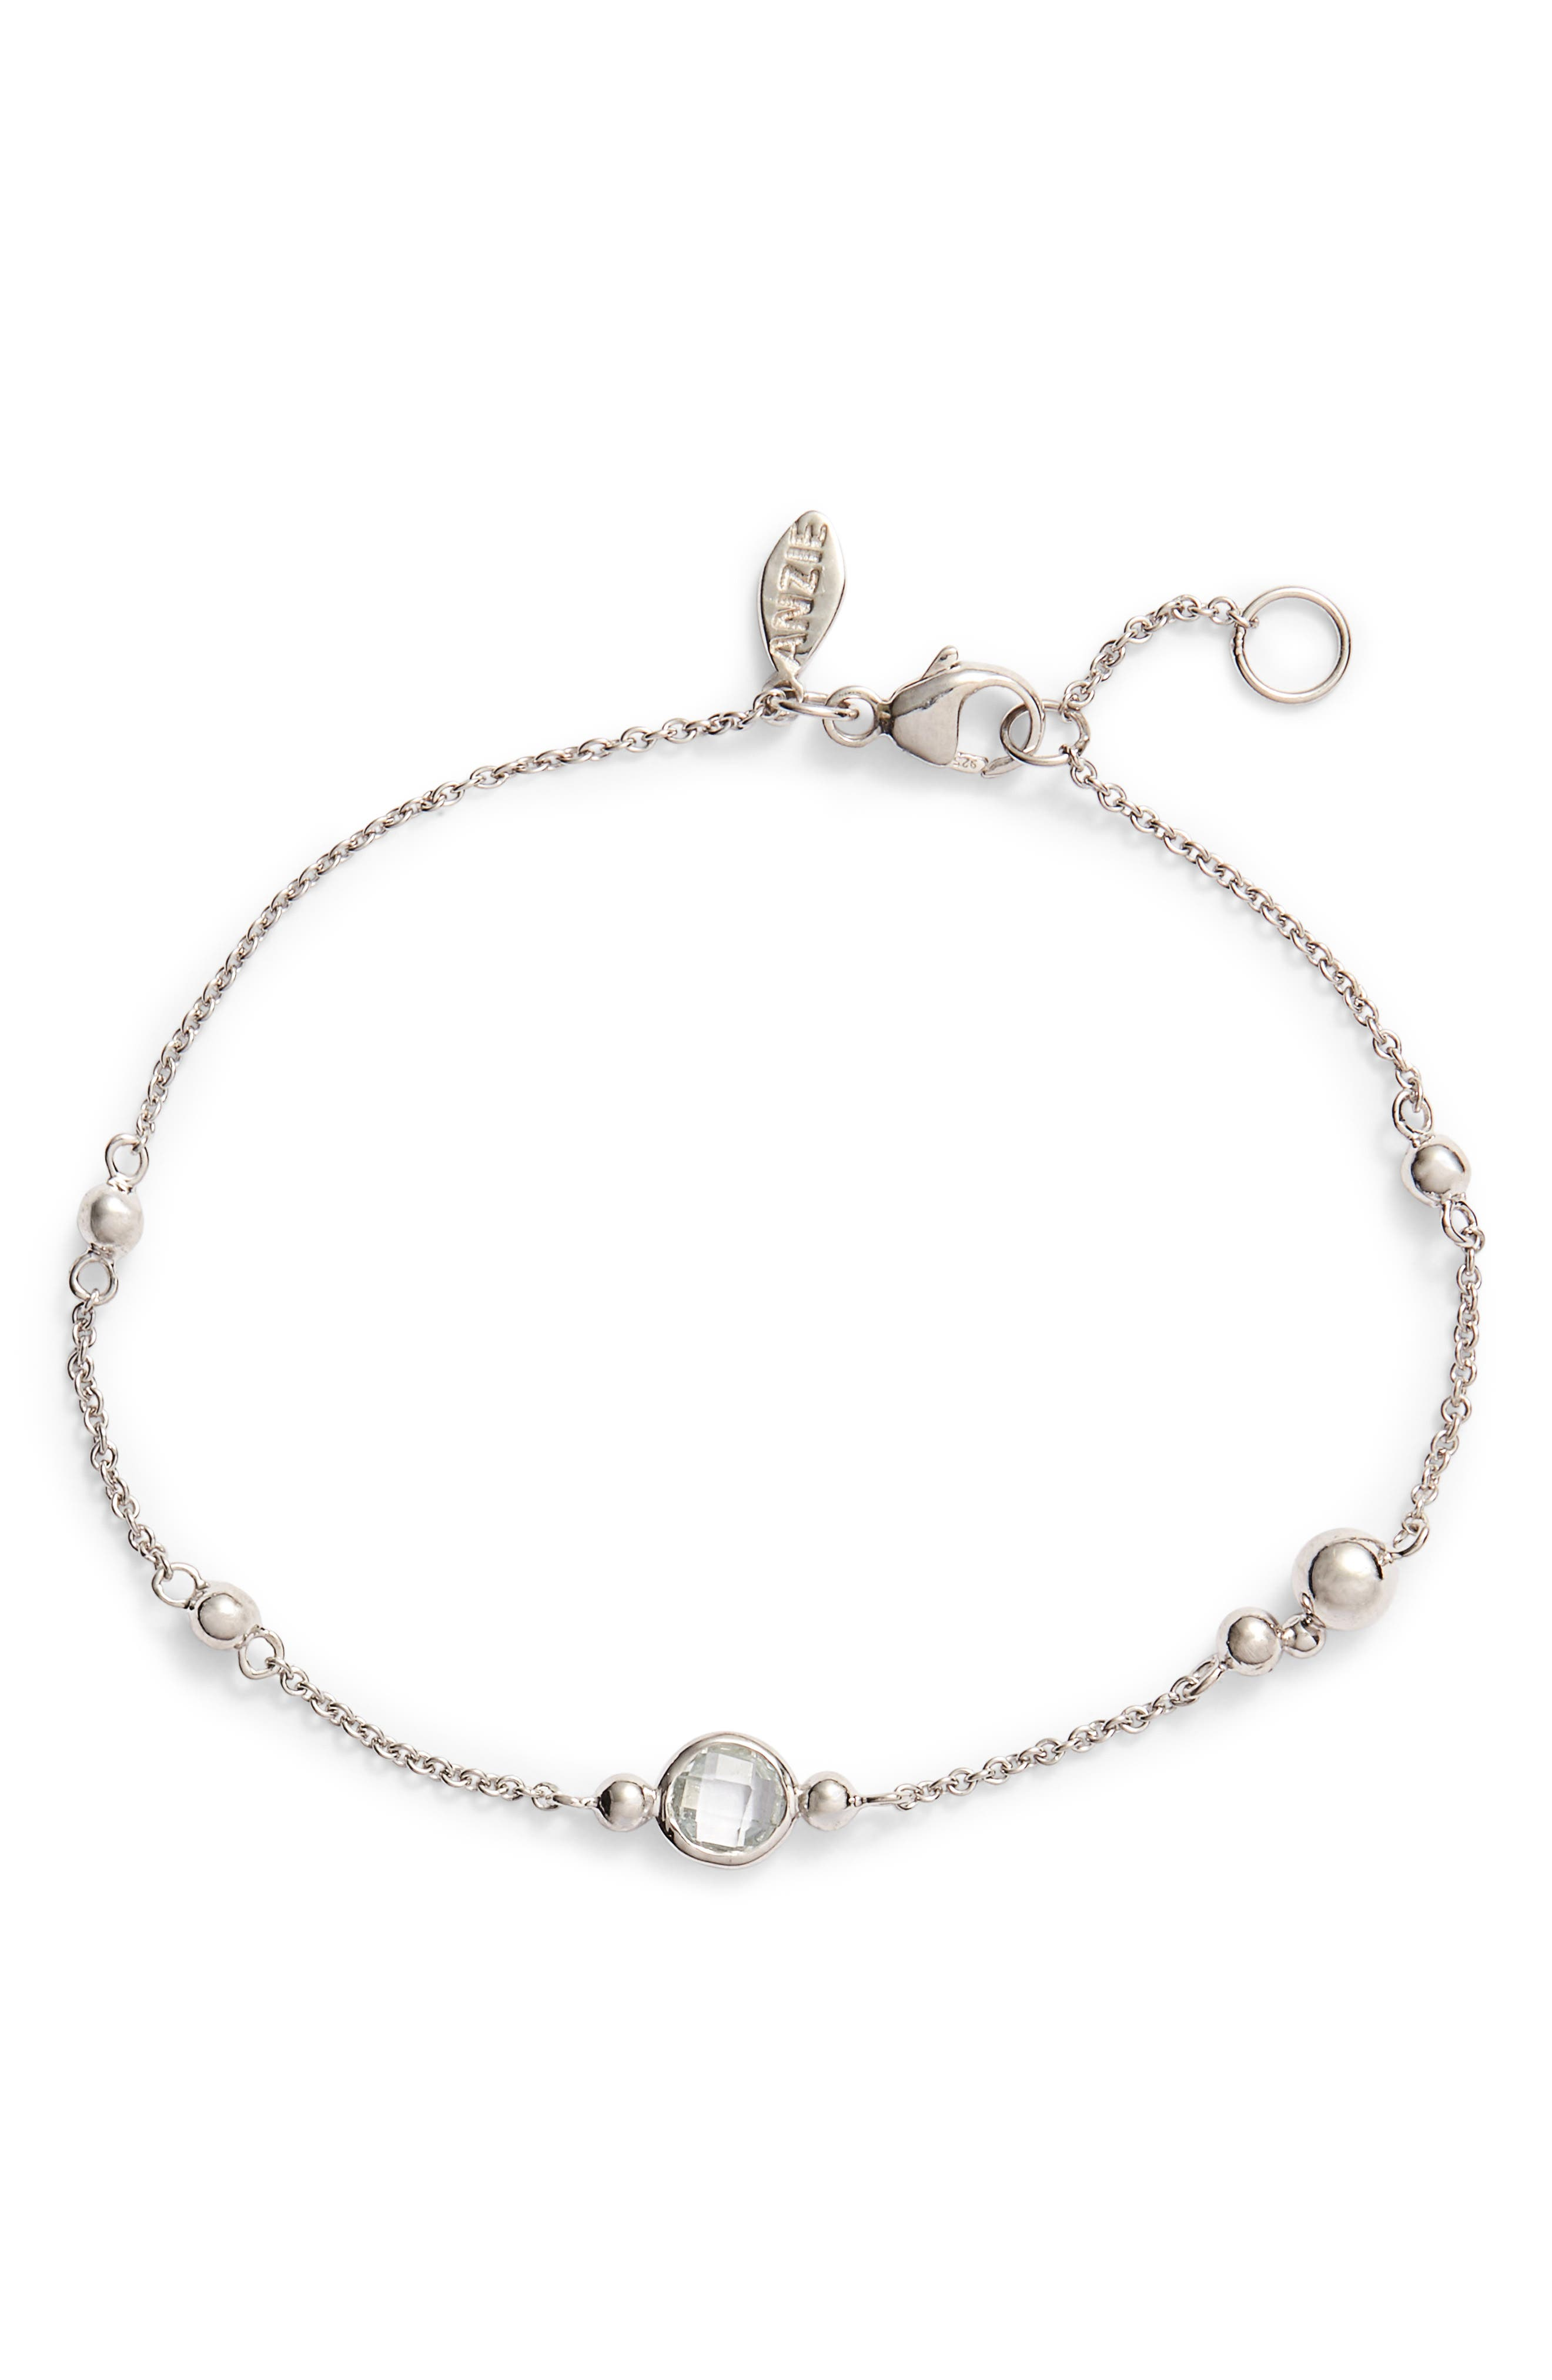 ANZIE, Dew Drop Marine Topaz Bracelet, Main thumbnail 1, color, SILVER